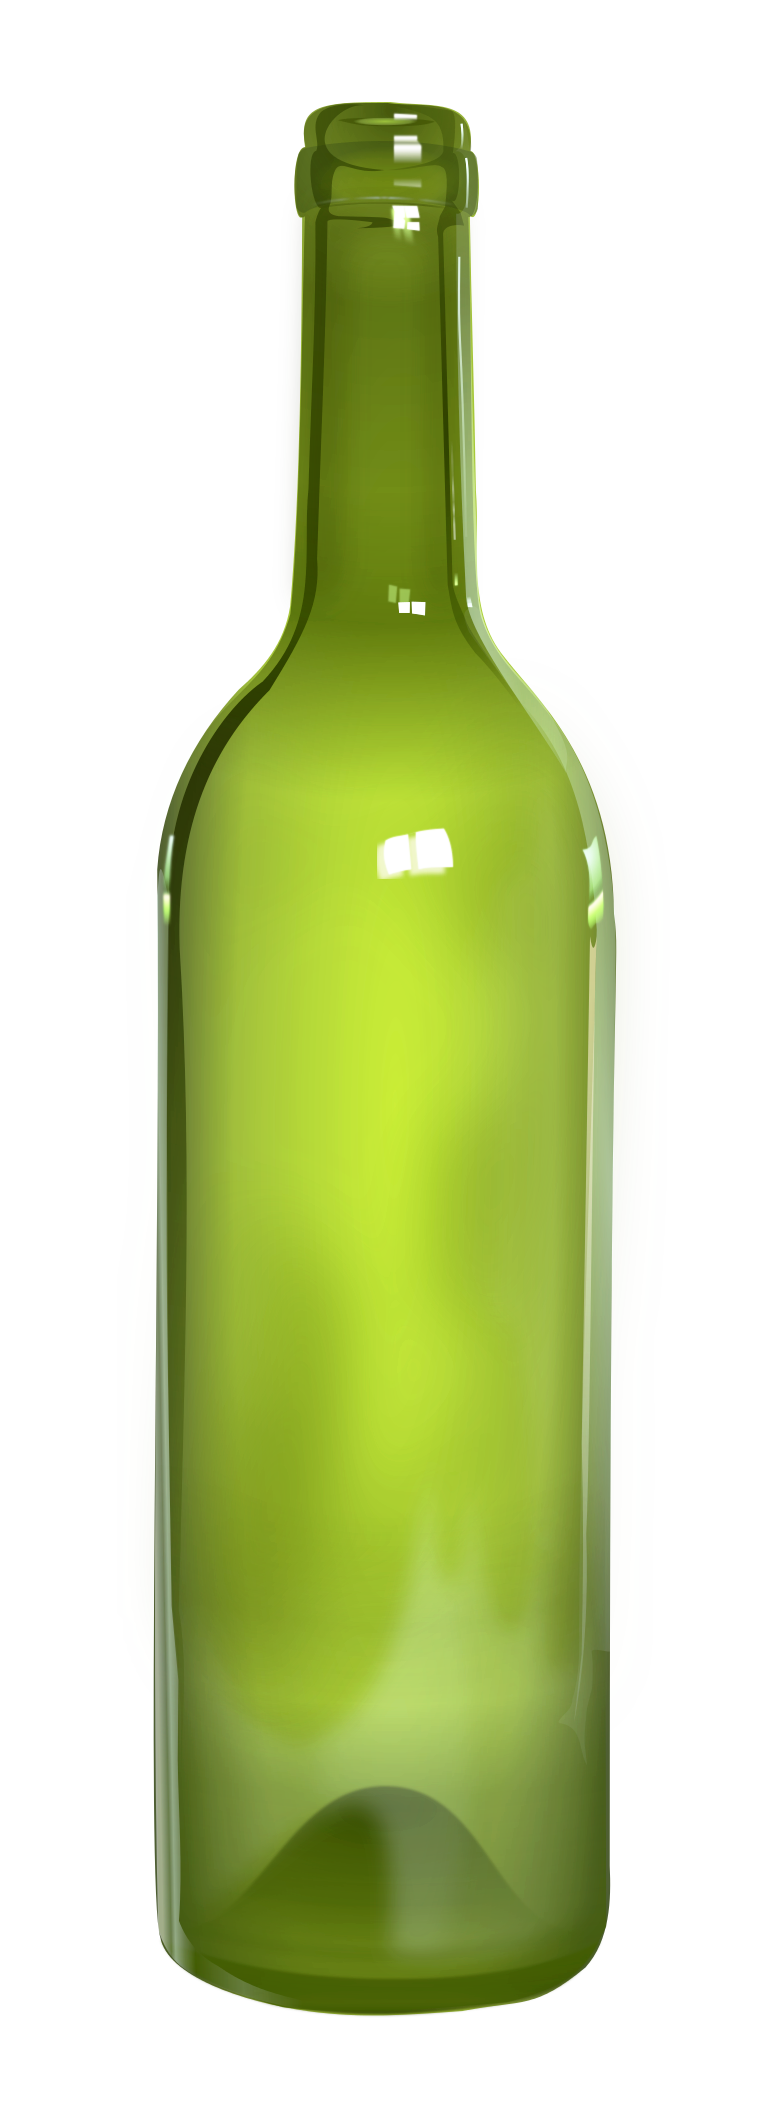 Bottle PNG - 24030